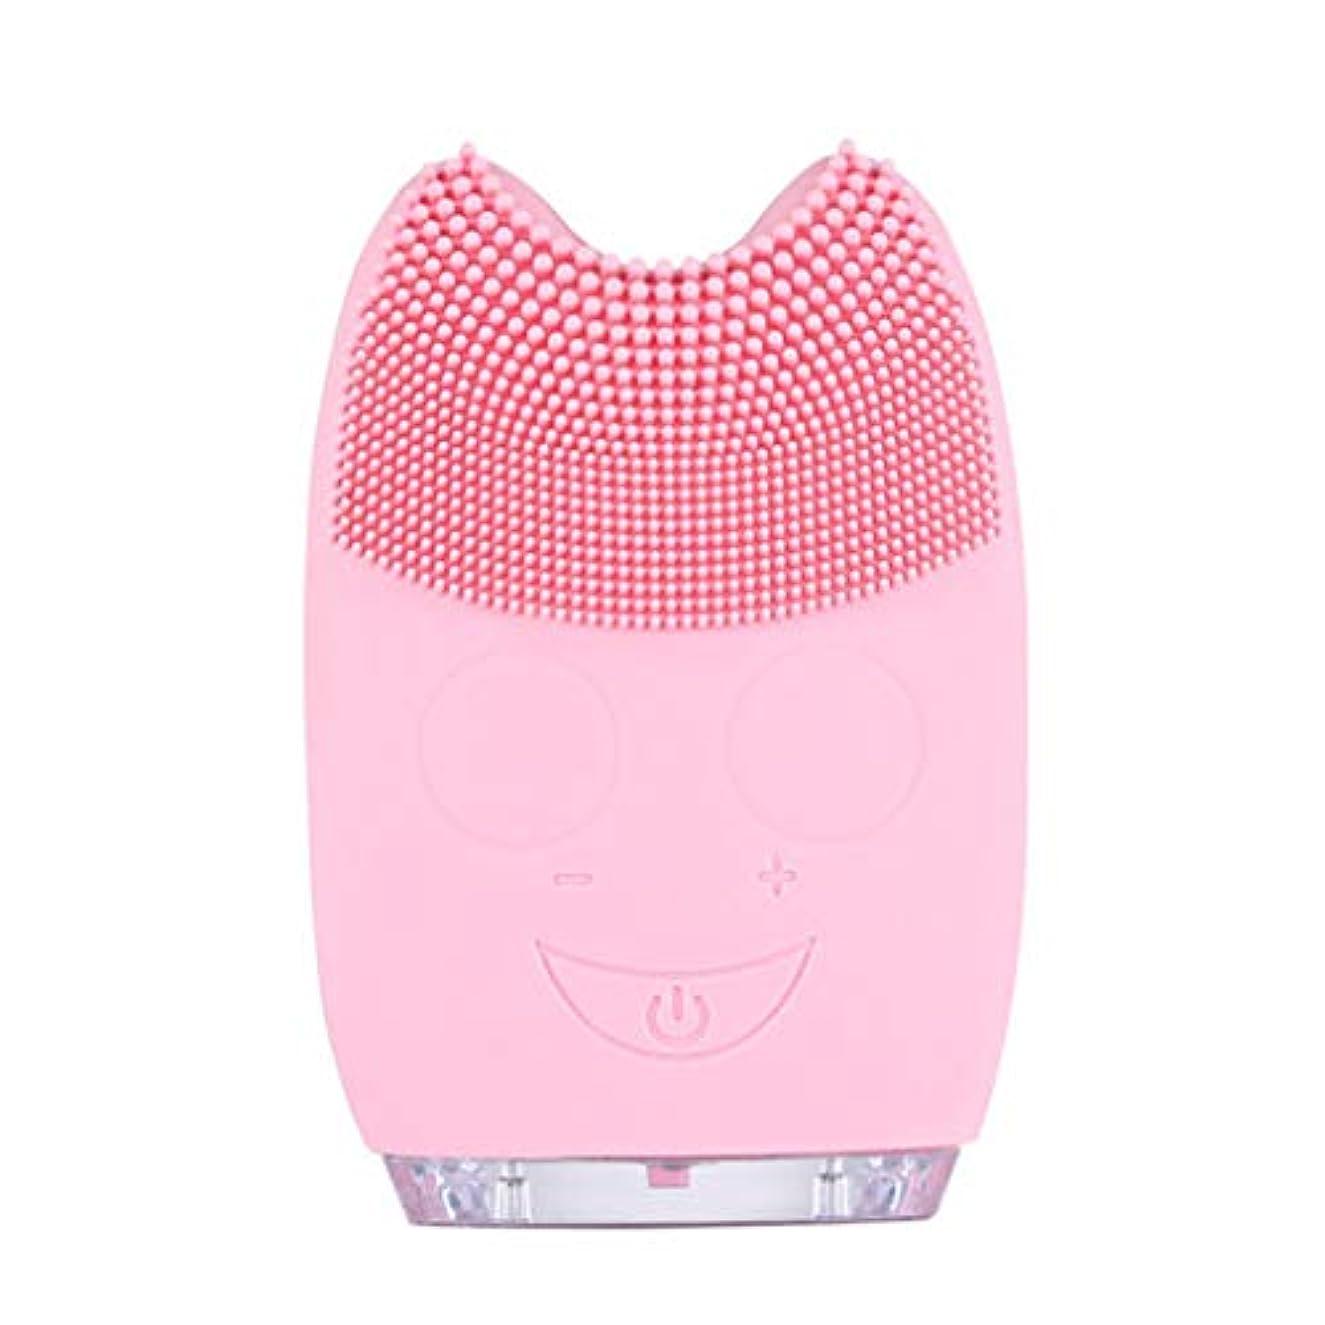 滴下者推定Qi フェイシャルクレンザーブラシ、防水ミニ電動マッサージマシンシリコンフェイシャルクレンジングデバイスツール GQ (色 : Pink)